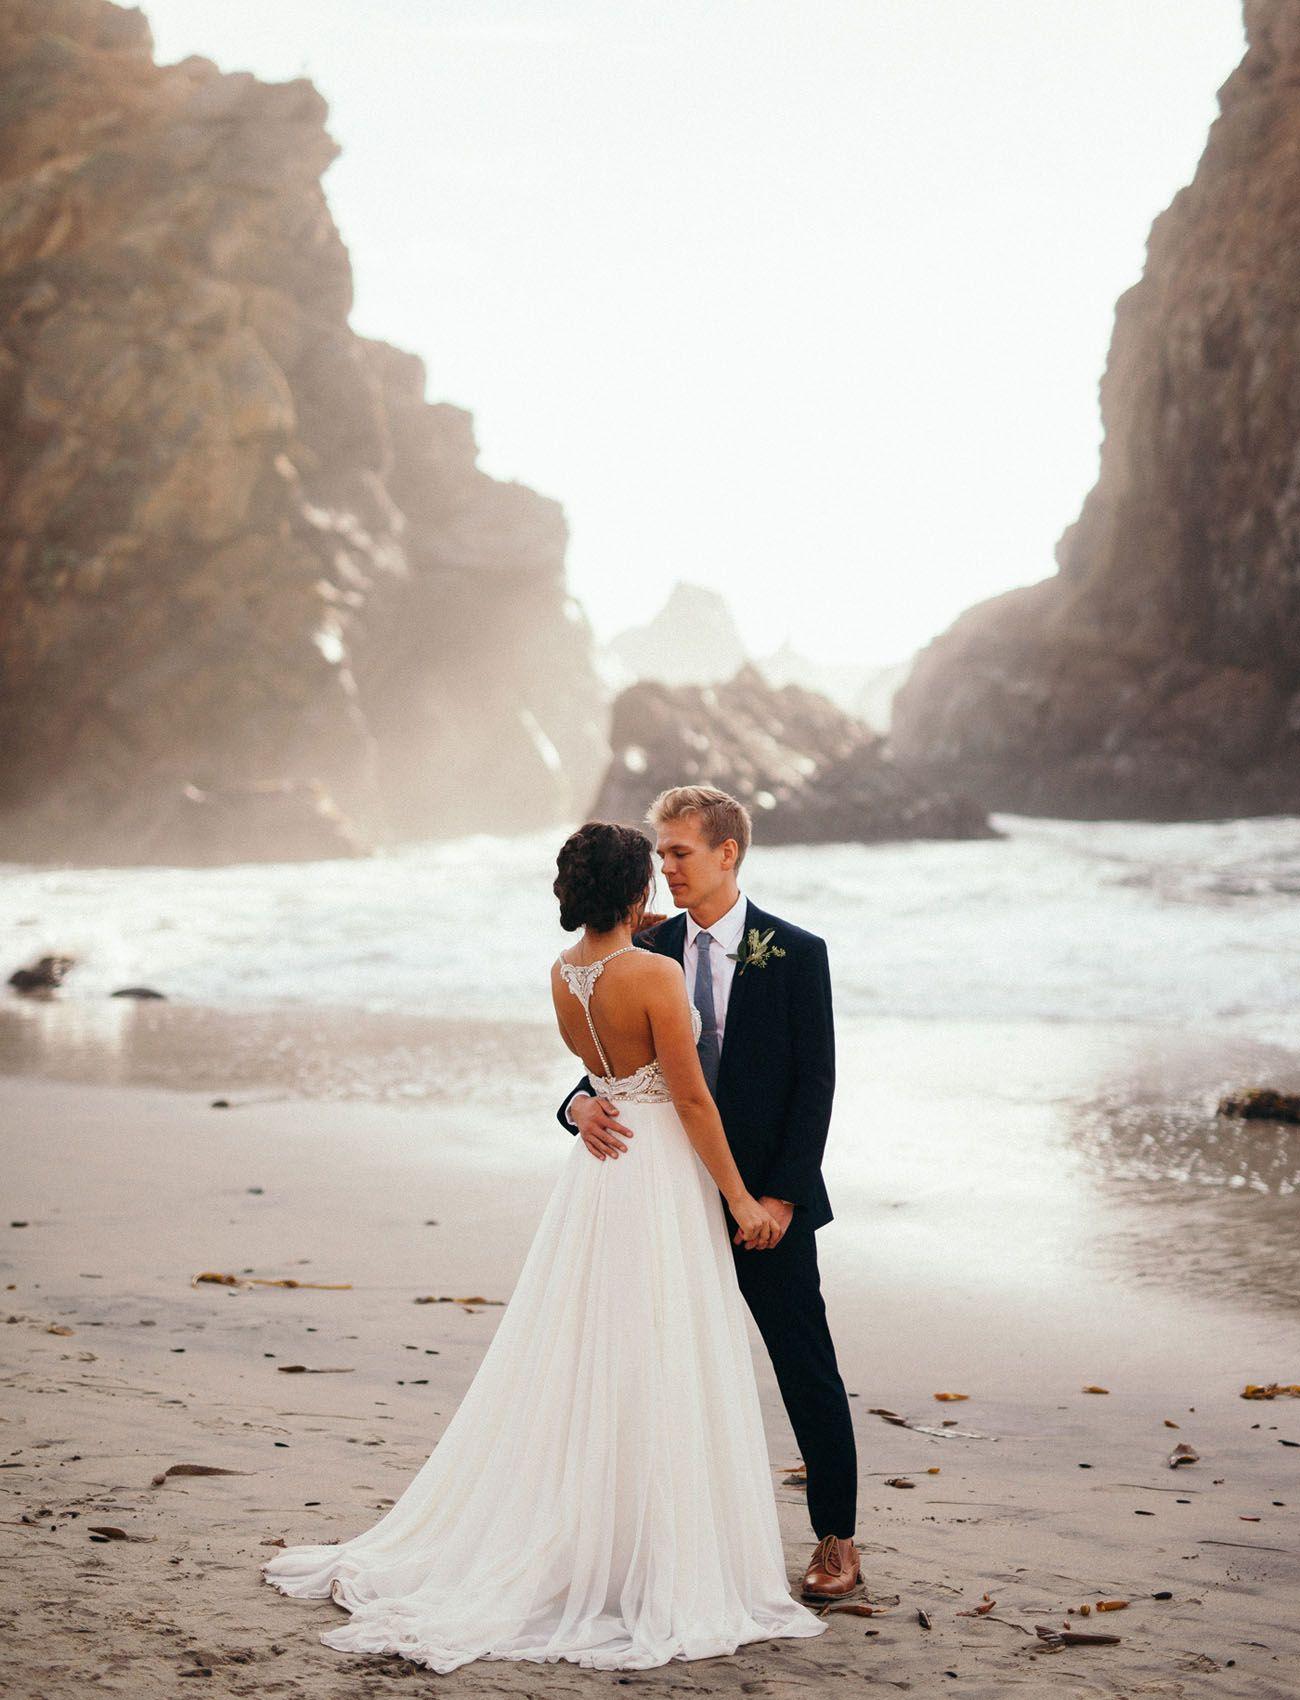 Intimate Sur Beach Wedding Planned In 90 Days